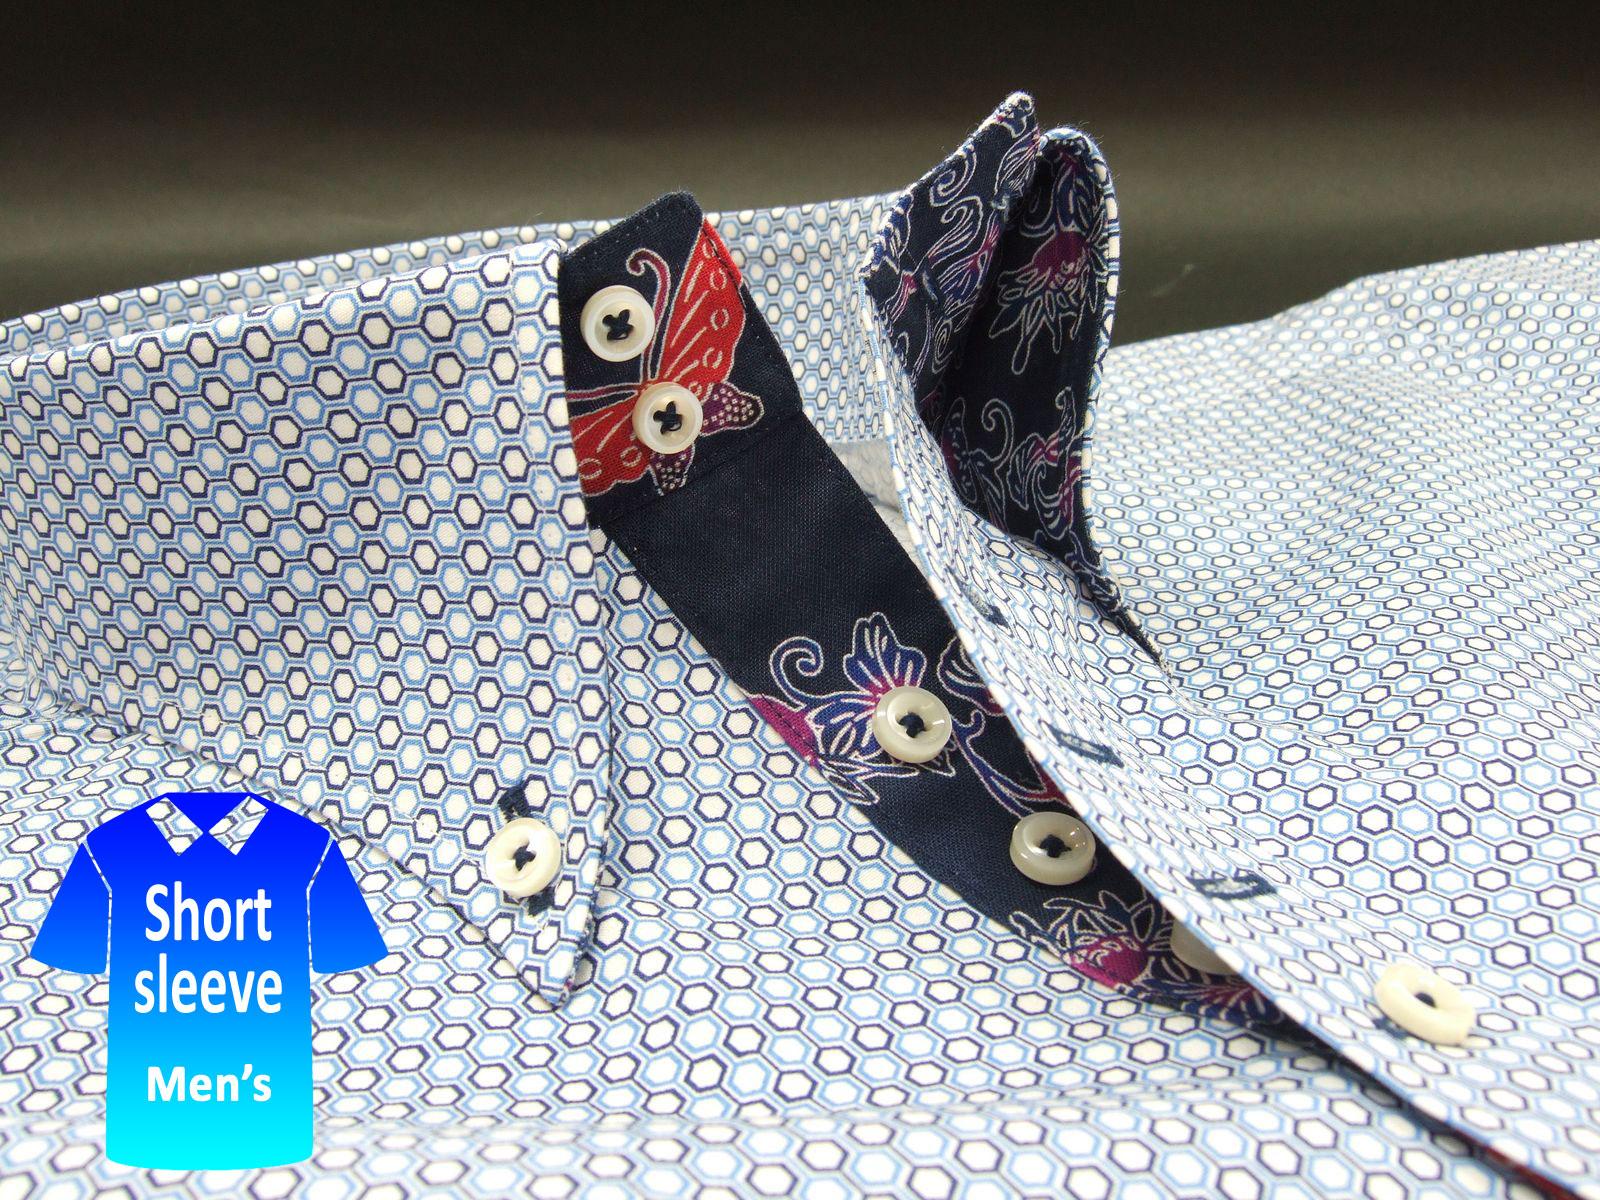 かりゆしウェア結婚式に アロハシャツ 沖縄 メンズ ボタンダウン 半袖 クールビズ Yシャツ ワイシャツ【rcp】おしゃれ 限定 紅型 青 ブルー系小紋柄(msko-bu02-4820)